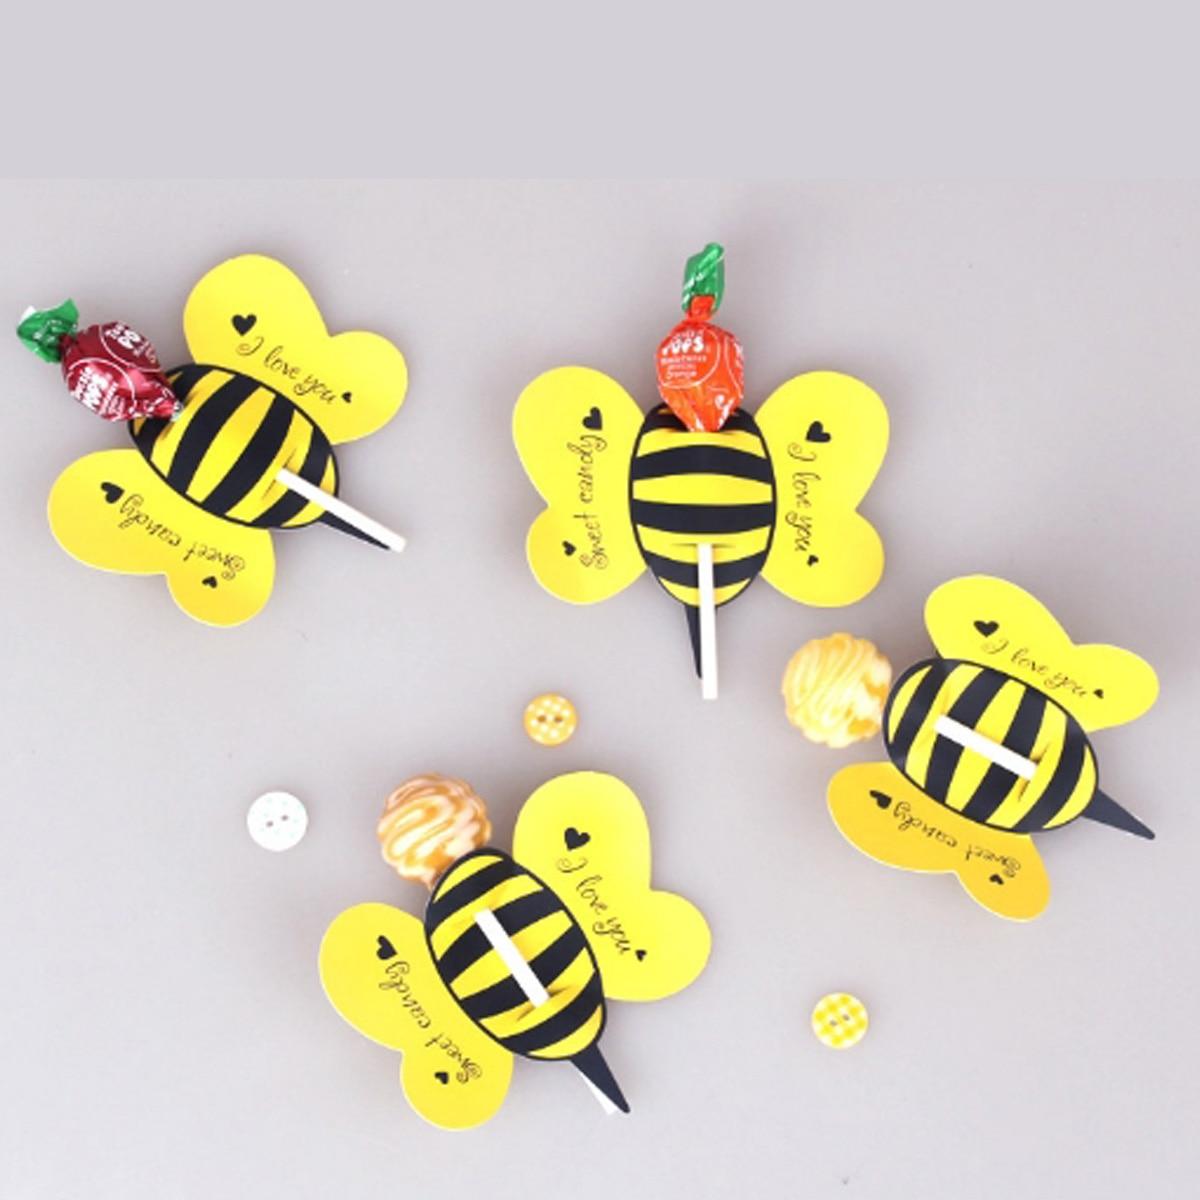 50 unids/set Animal Bee, Boutique práctica, Linda Tarjeta de decoración de piruleta, fiesta de cumpleaños, decoración de boda y regalo de dulces para niños